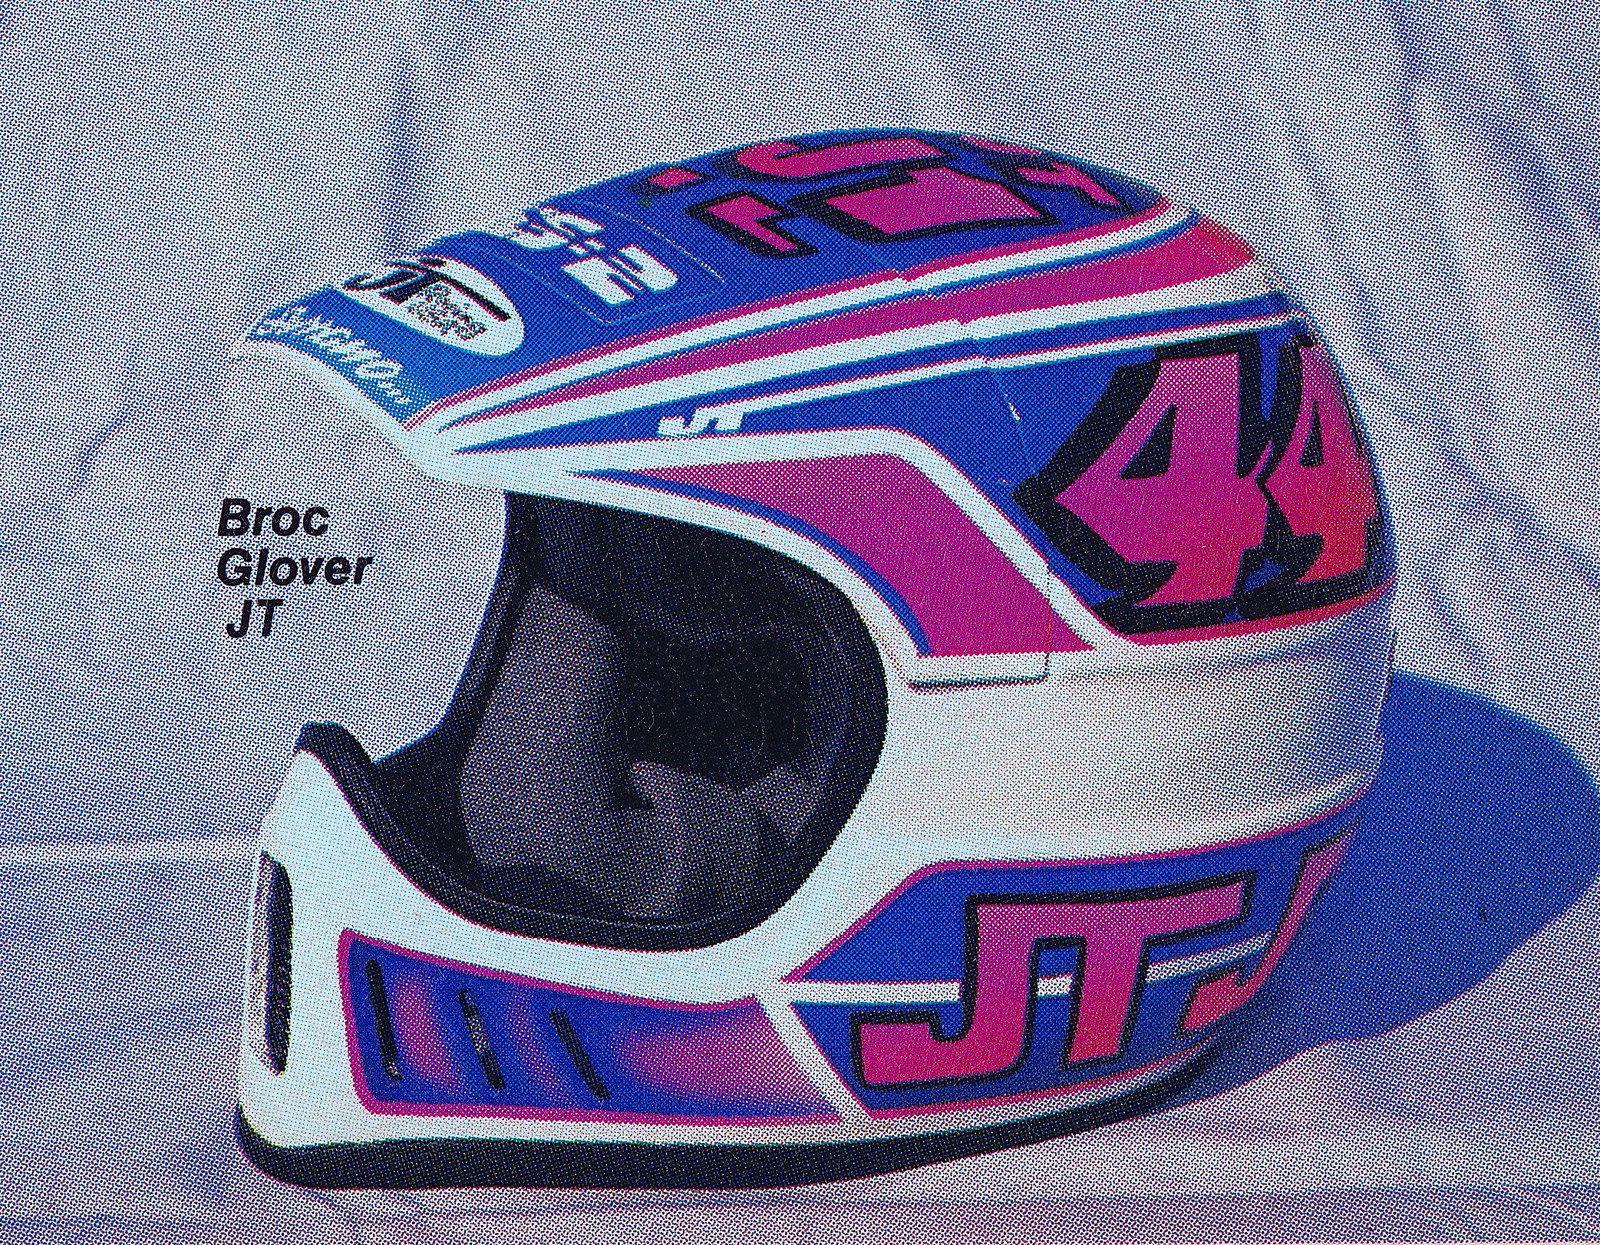 1988 Serrano Painted Jt Racing Als Helmet Of Broc Glover Helmet Vintage Motocross Helmet Design